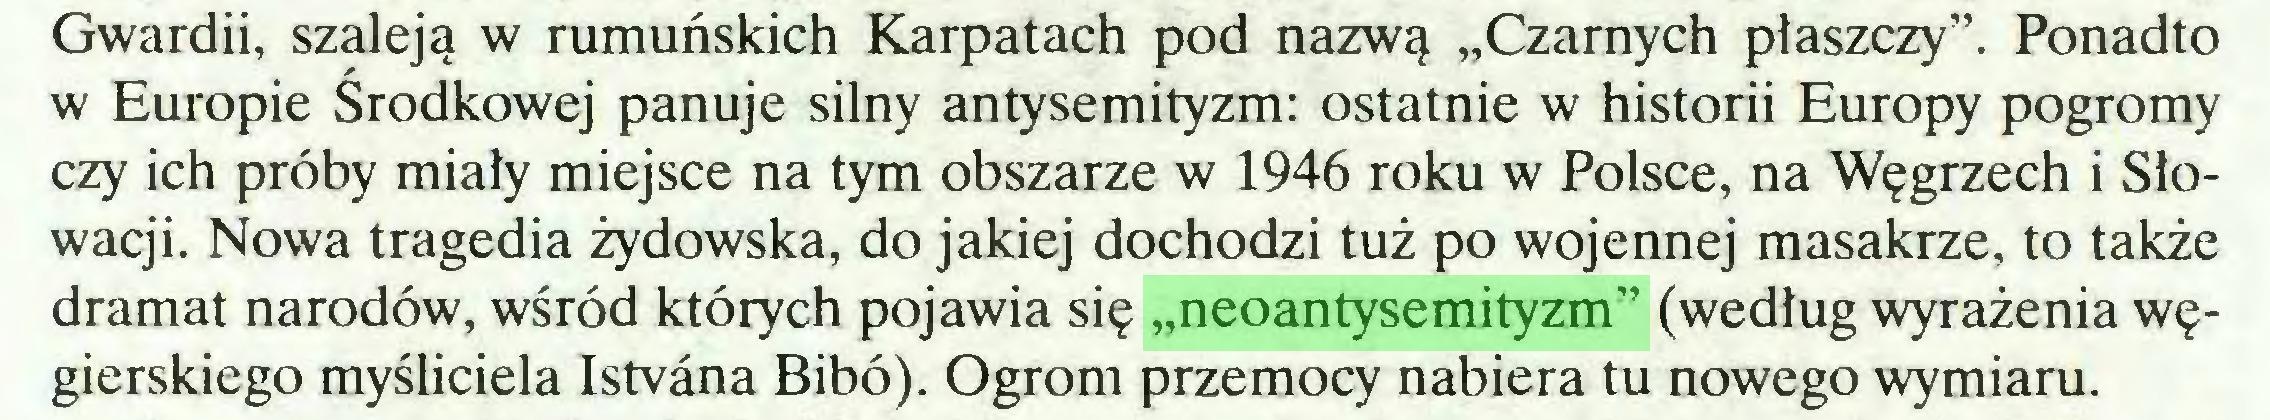 """(...) Gwardii, szaleją w rumuńskich Karpatach pod nazwą """"Czarnych płaszczy"""". Ponadto w Europie Środkowej panuje silny antysemityzm: ostatnie w historii Europy pogromy czy ich próby miały miejsce na tym obszarze w 1946 roku w Polsce, na Węgrzech i Słowacji. Nowa tragedia żydowska, do jakiej dochodzi tuż po wojennej masakrze, to także dramat narodów, wśród których pojawia się """"neoantysemityzm"""" (według wyrażenia węgierskiego myśliciela Istvana Bibo). Ogrom przemocy nabiera tu nowego wymiaru..."""